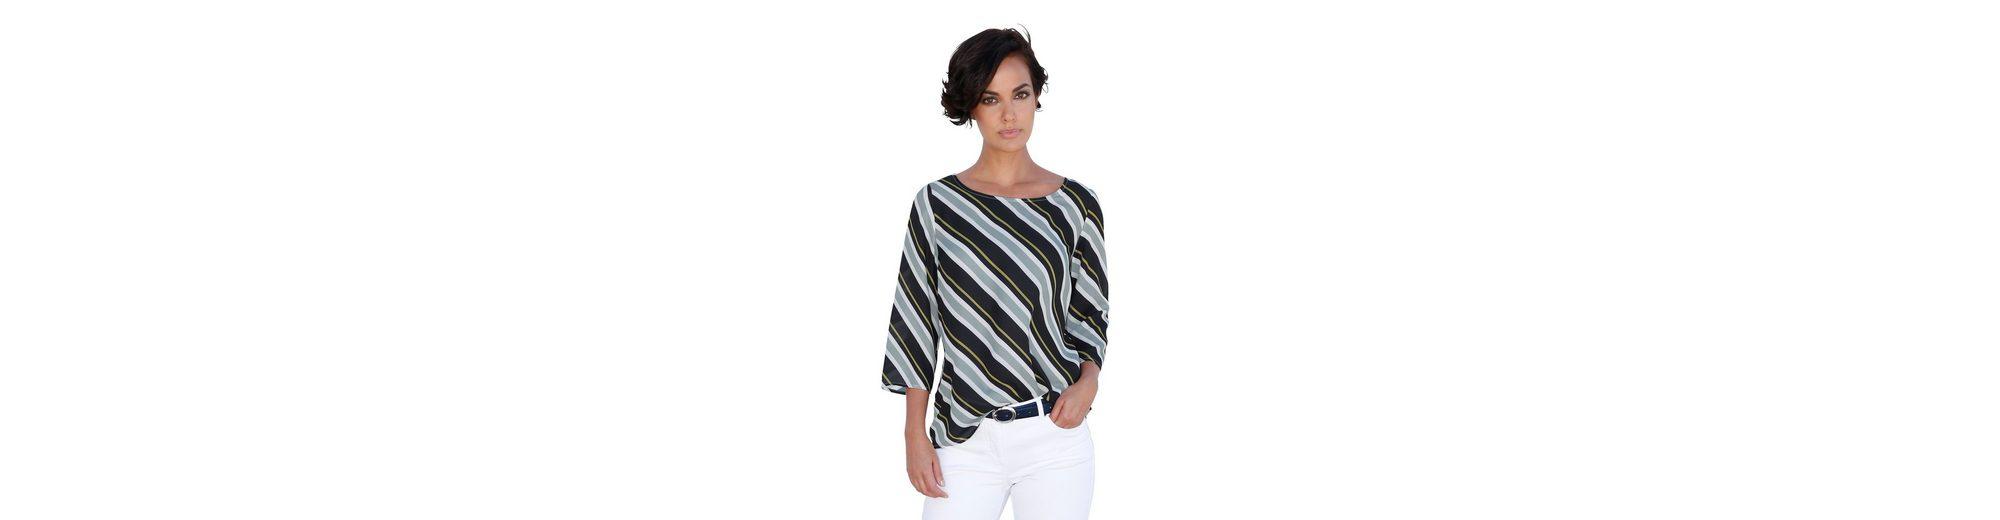 Amy Vermont Bluse im Streifendessin Auslass Amazon Offizieller Online-Verkauf Verkauf Shop-Angebot mwMeX04HRC